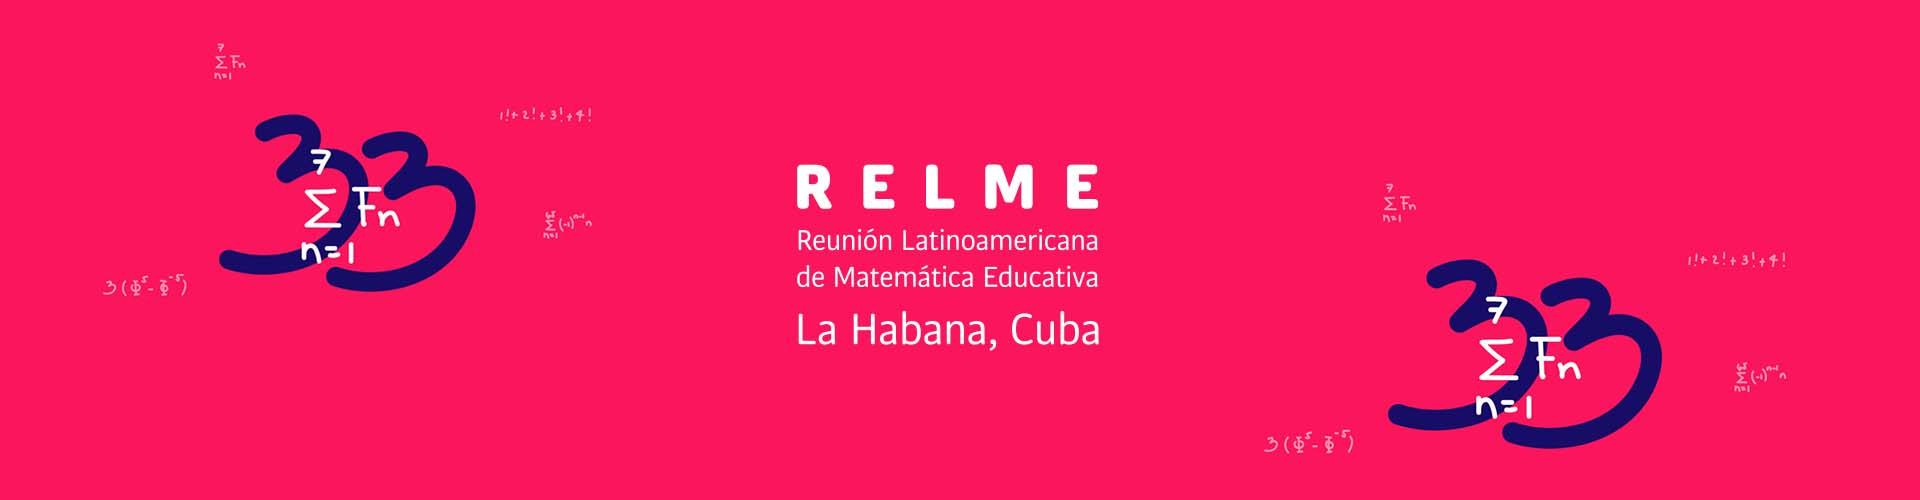 Reunión Latinoamericana de Matemática Educativa